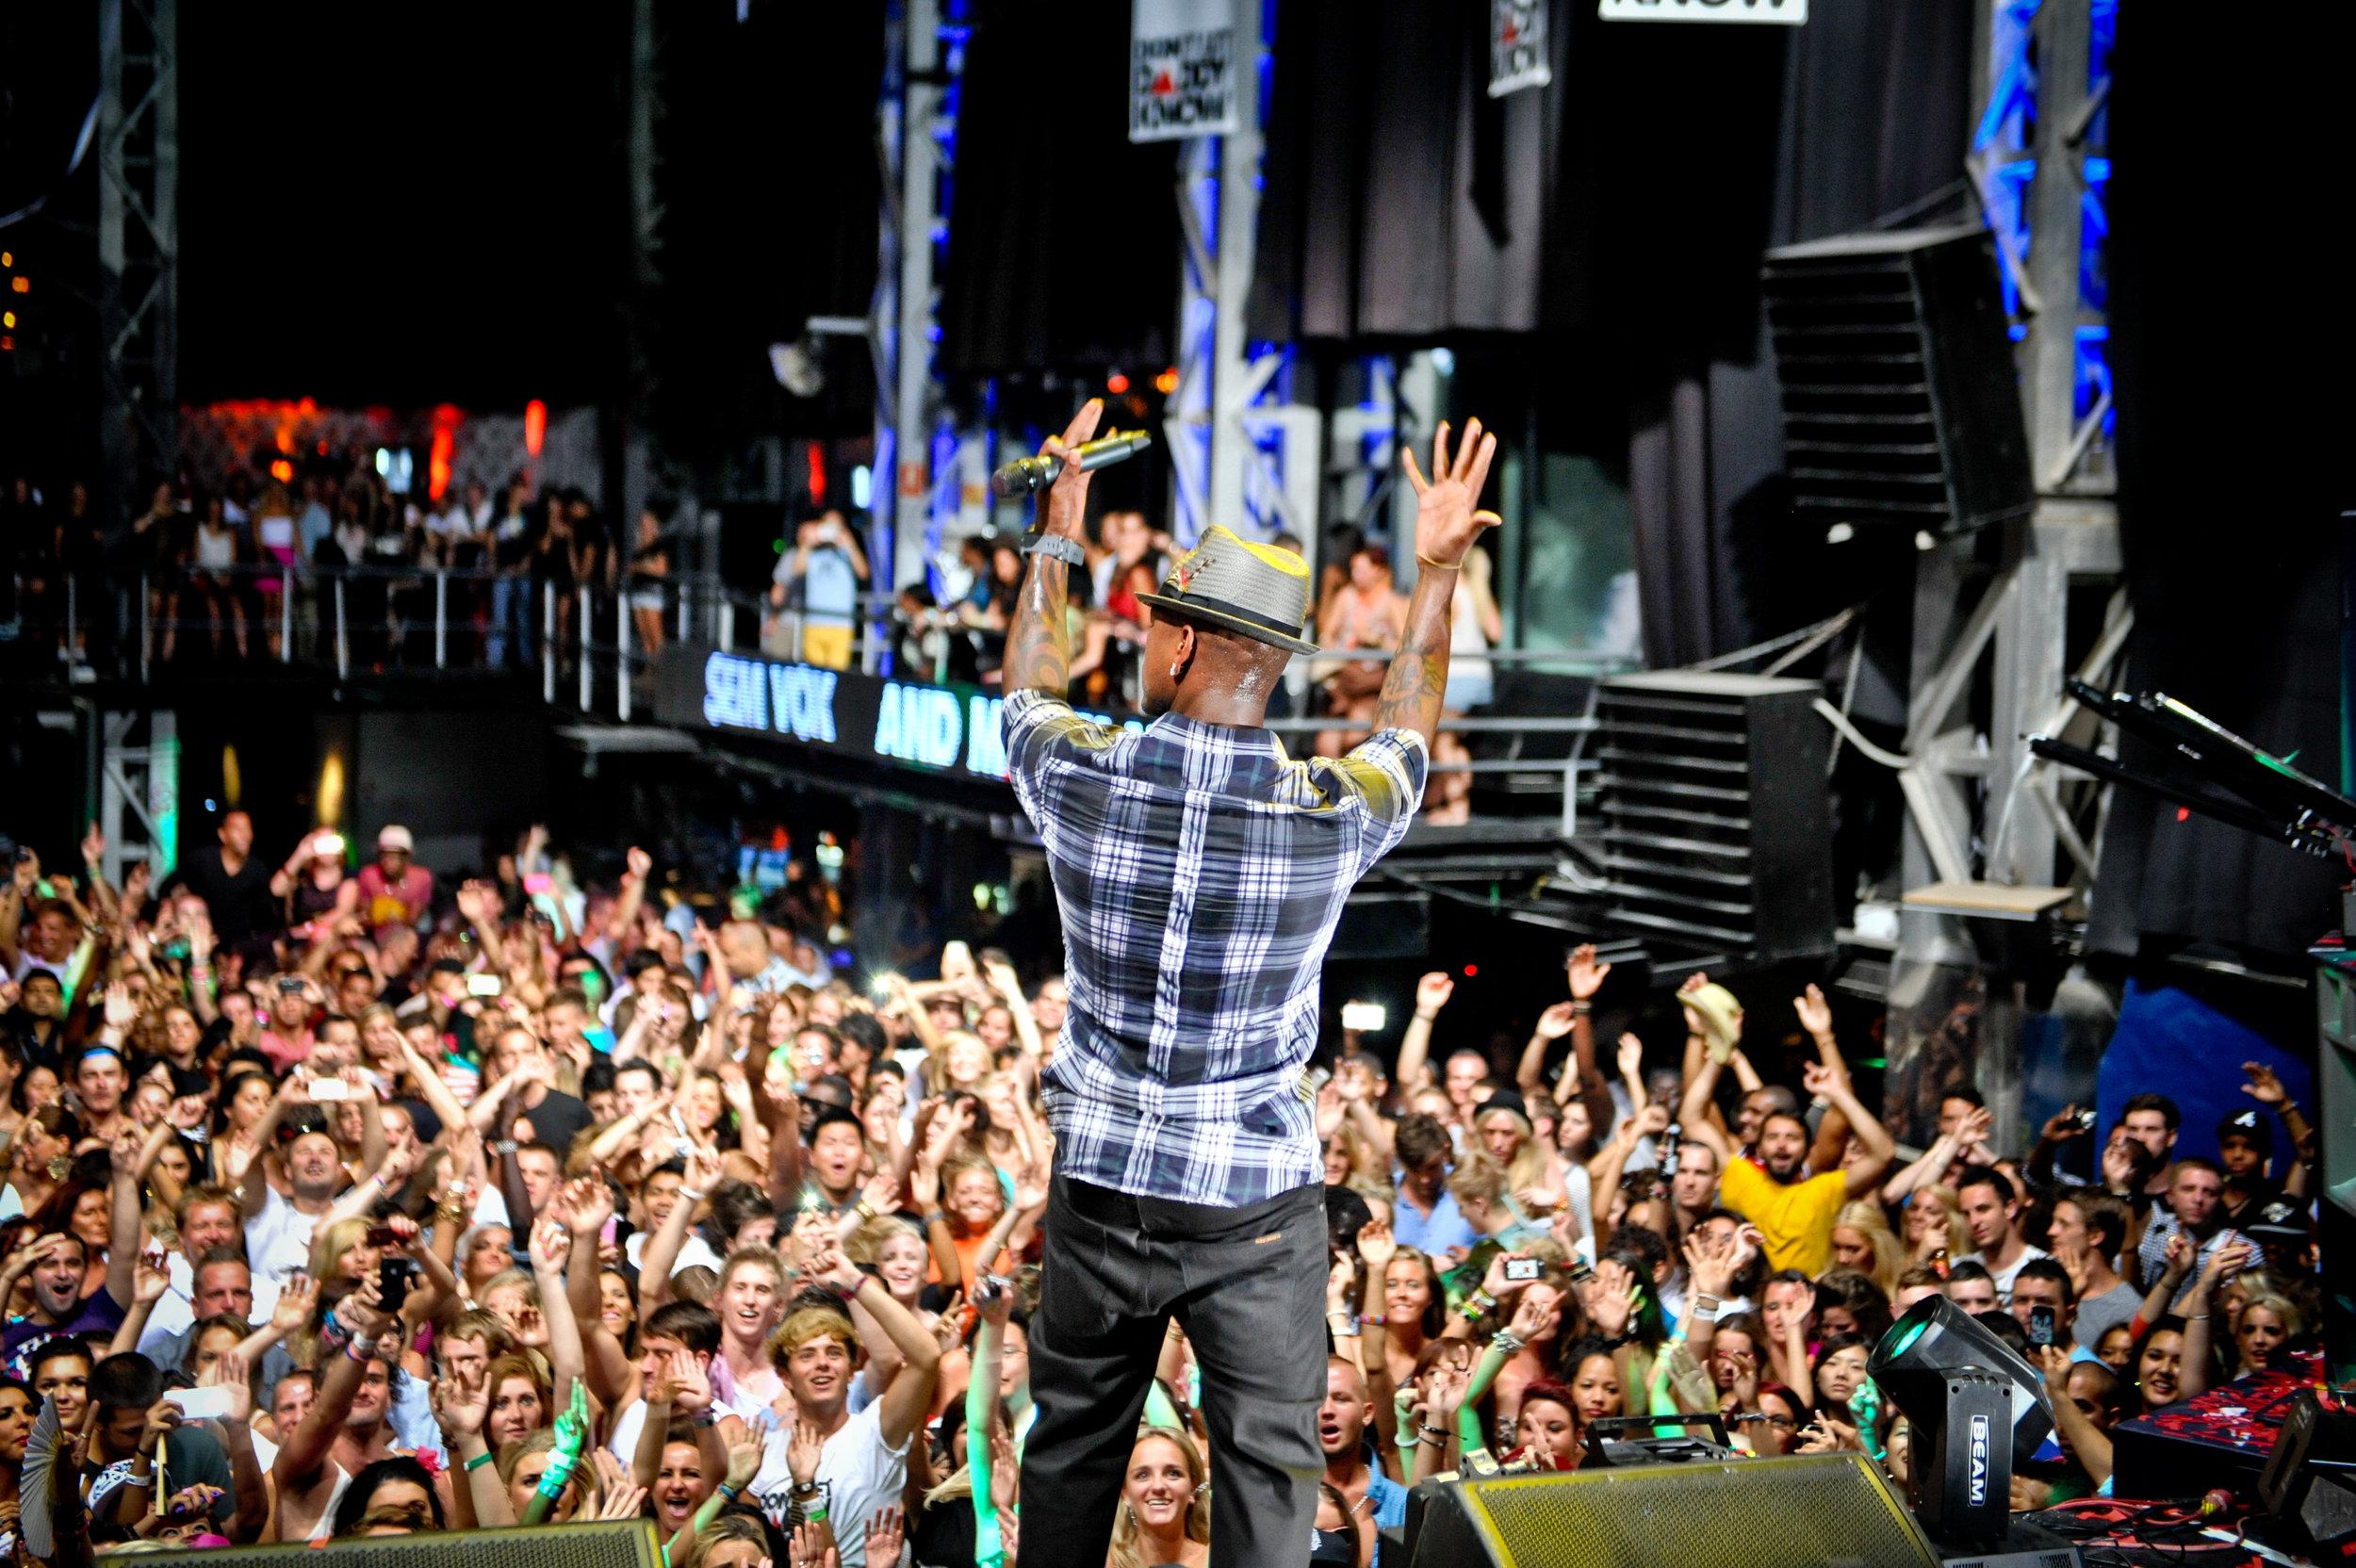 bart albrecht fotograaf photographer belgie belgium events festivals bedrijfsfeesten feesten business celebritys bv's bekende vlamingen beste top 10 bedrijfsfotografie0036.jpg